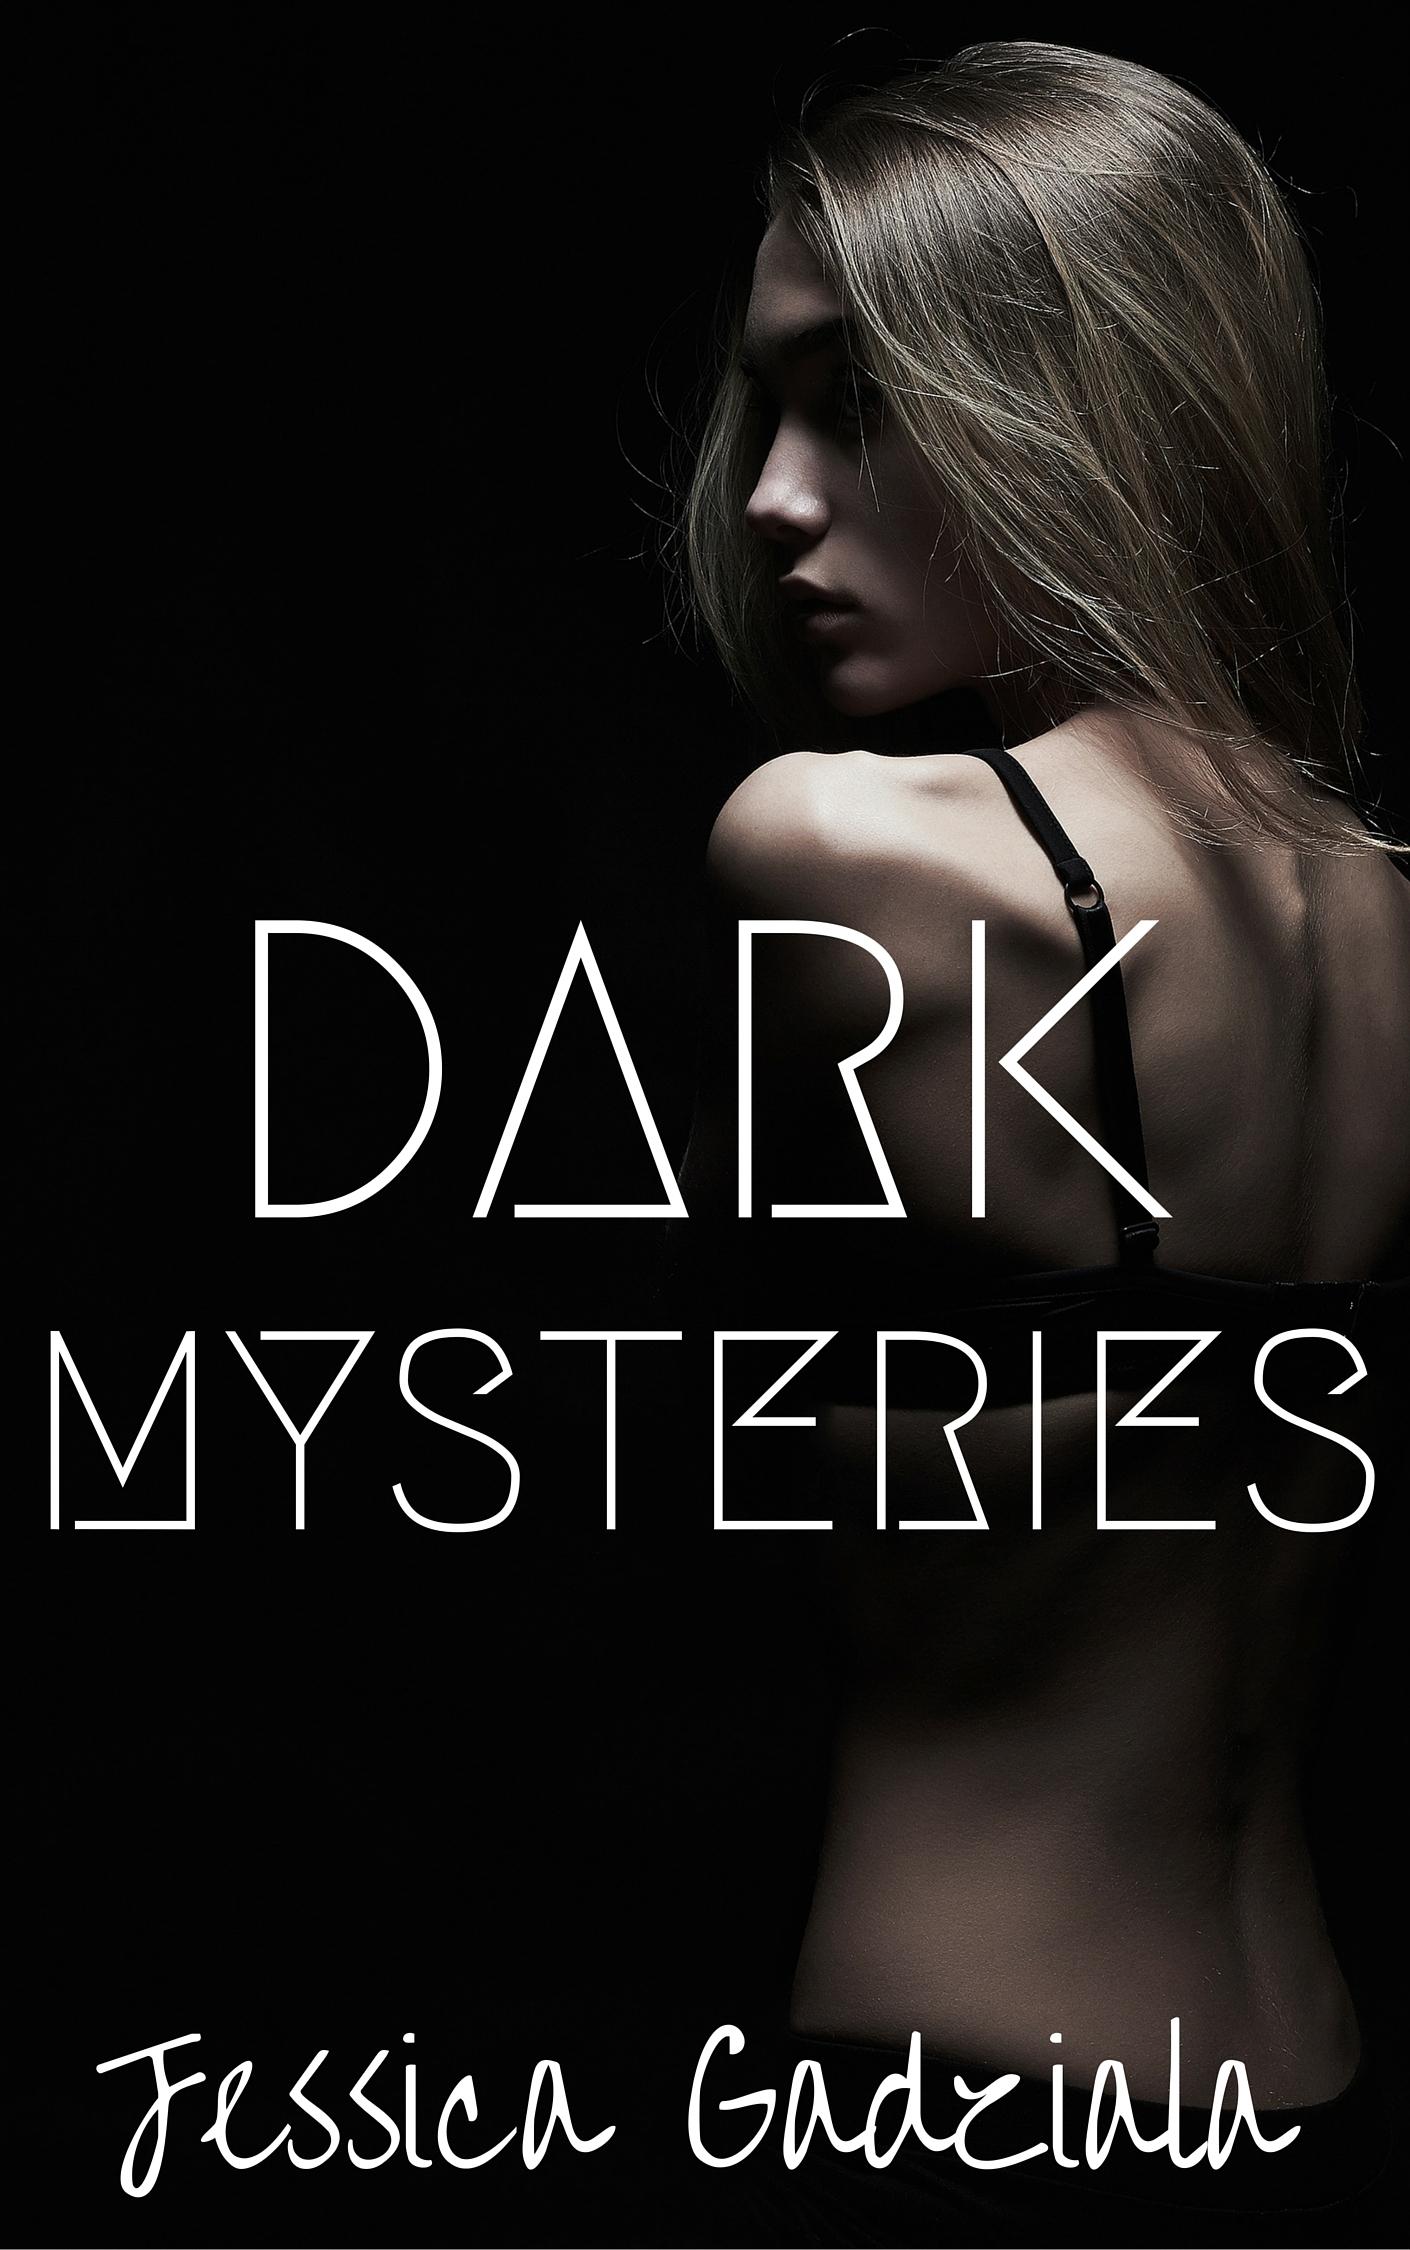 Jessica Gadziala - Dark 1 - Dark Mysteries